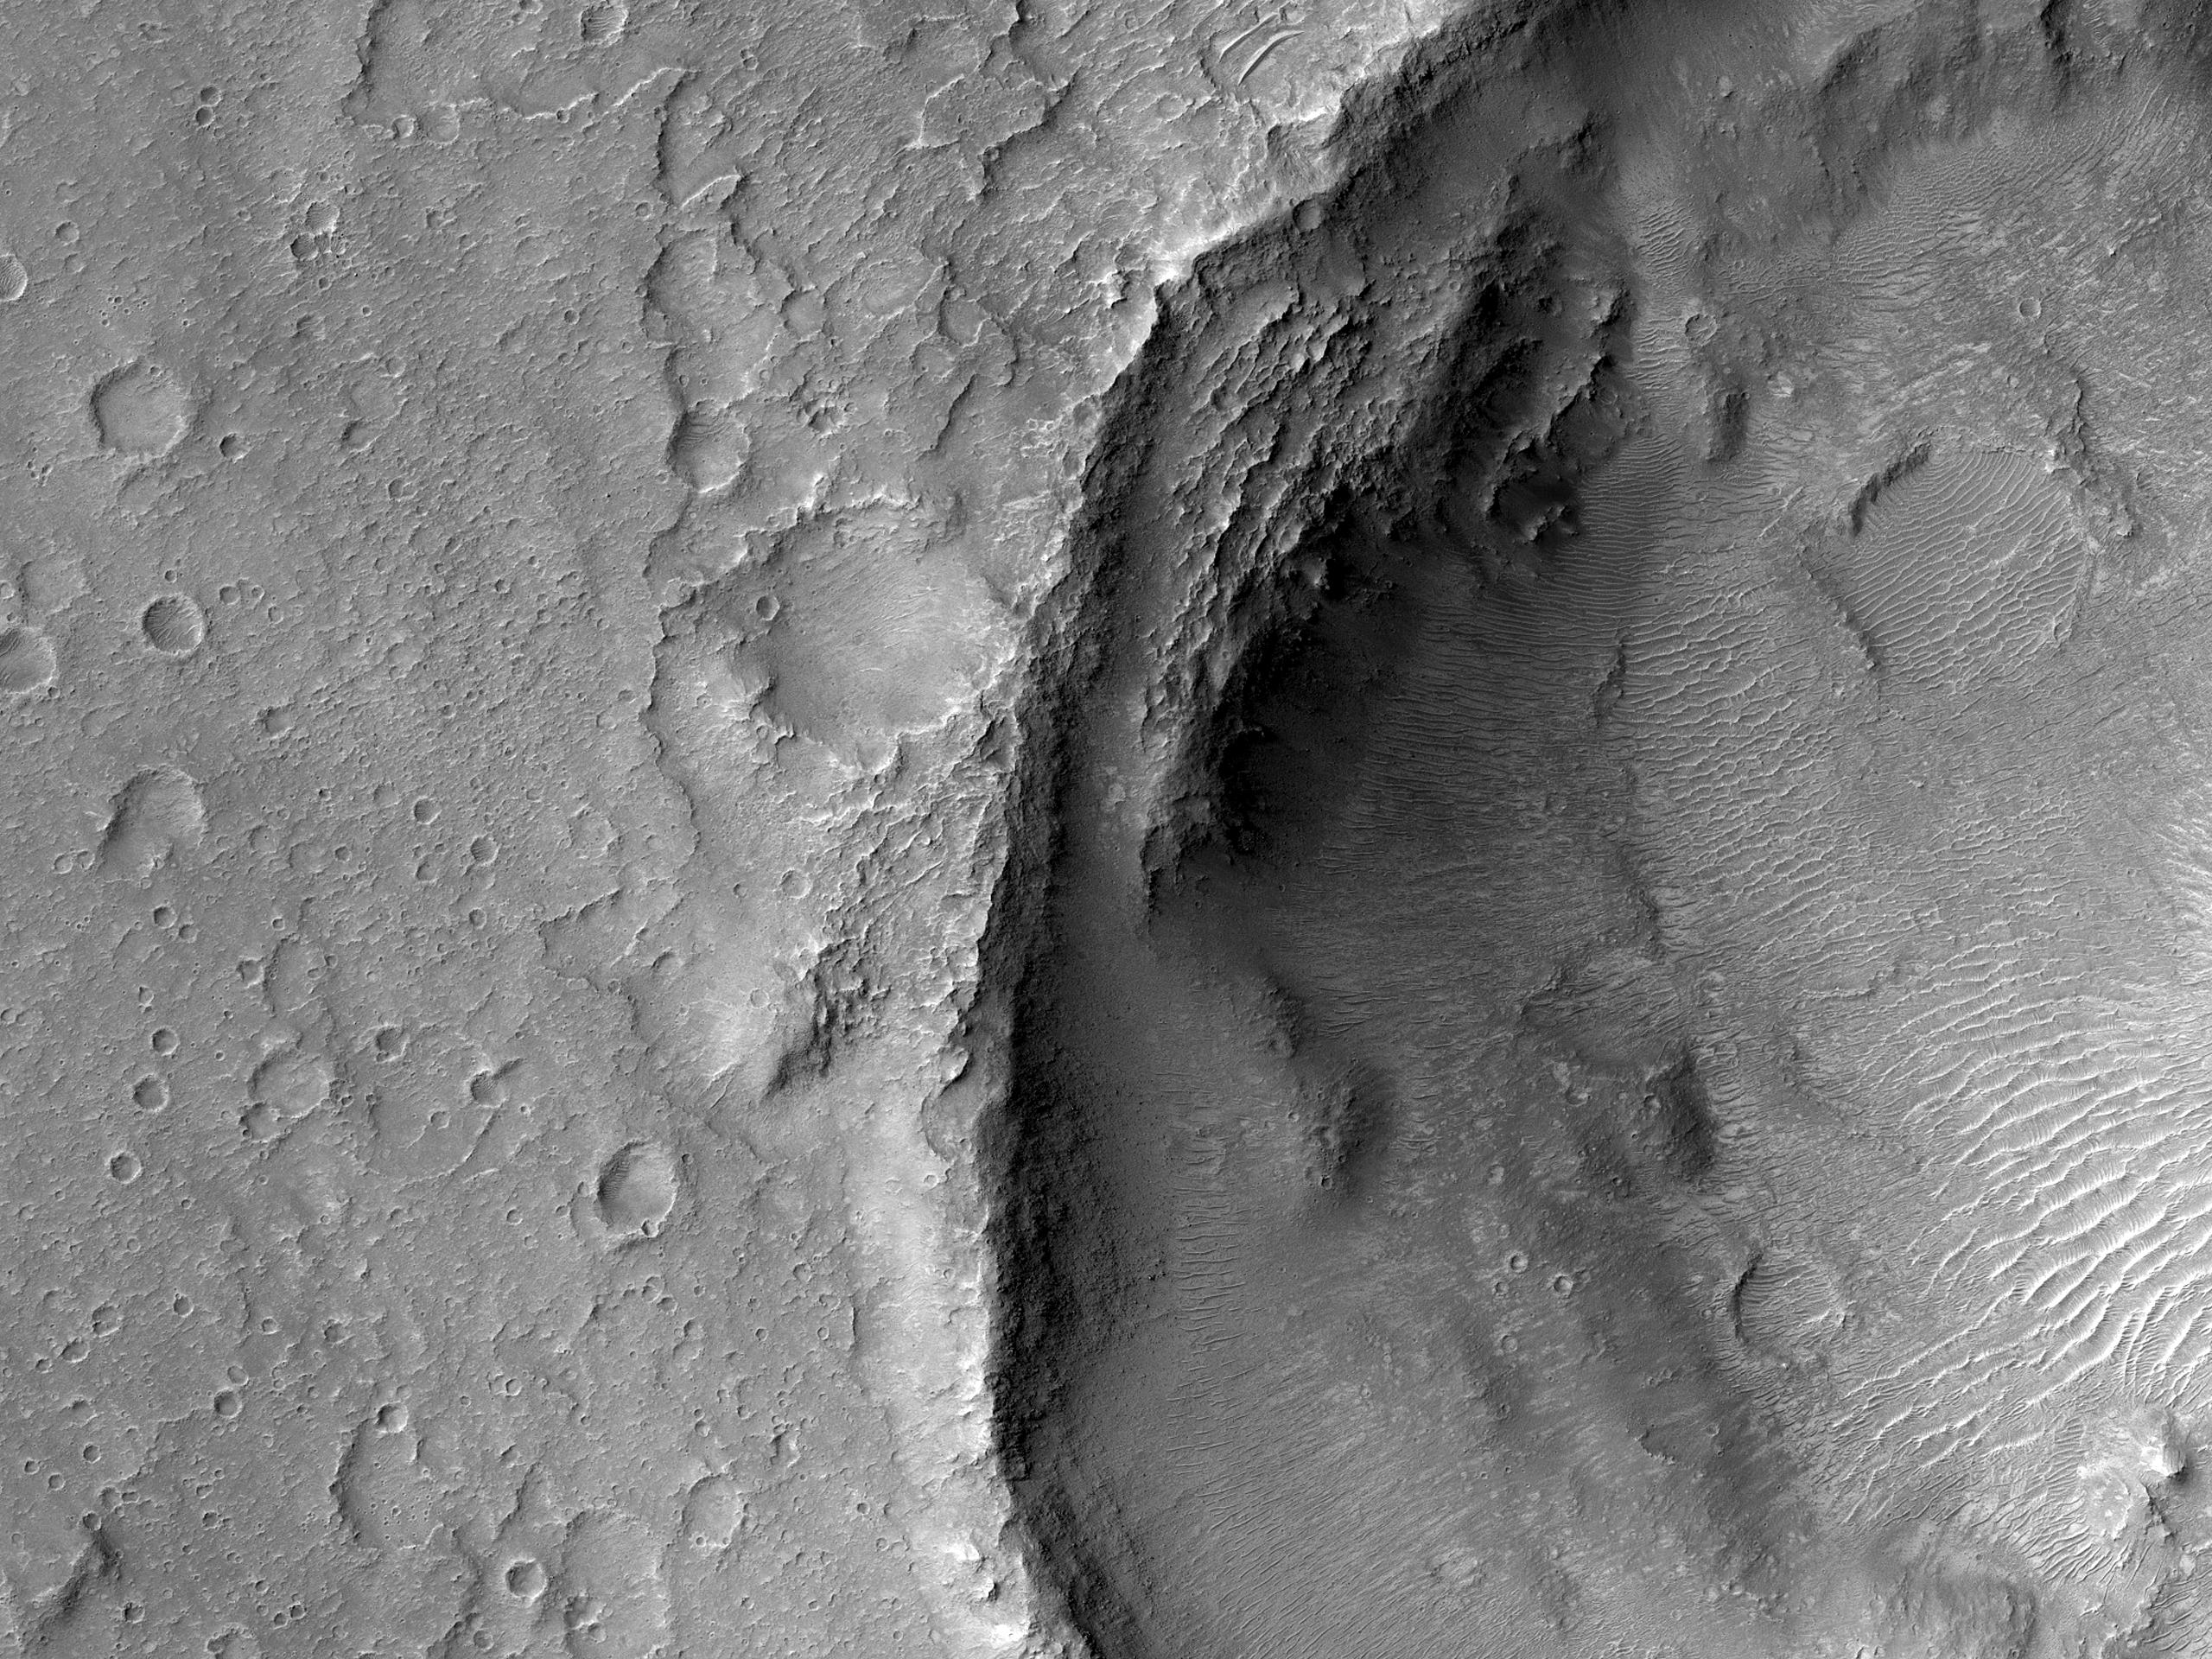 Gusev Crater Wind Streaks